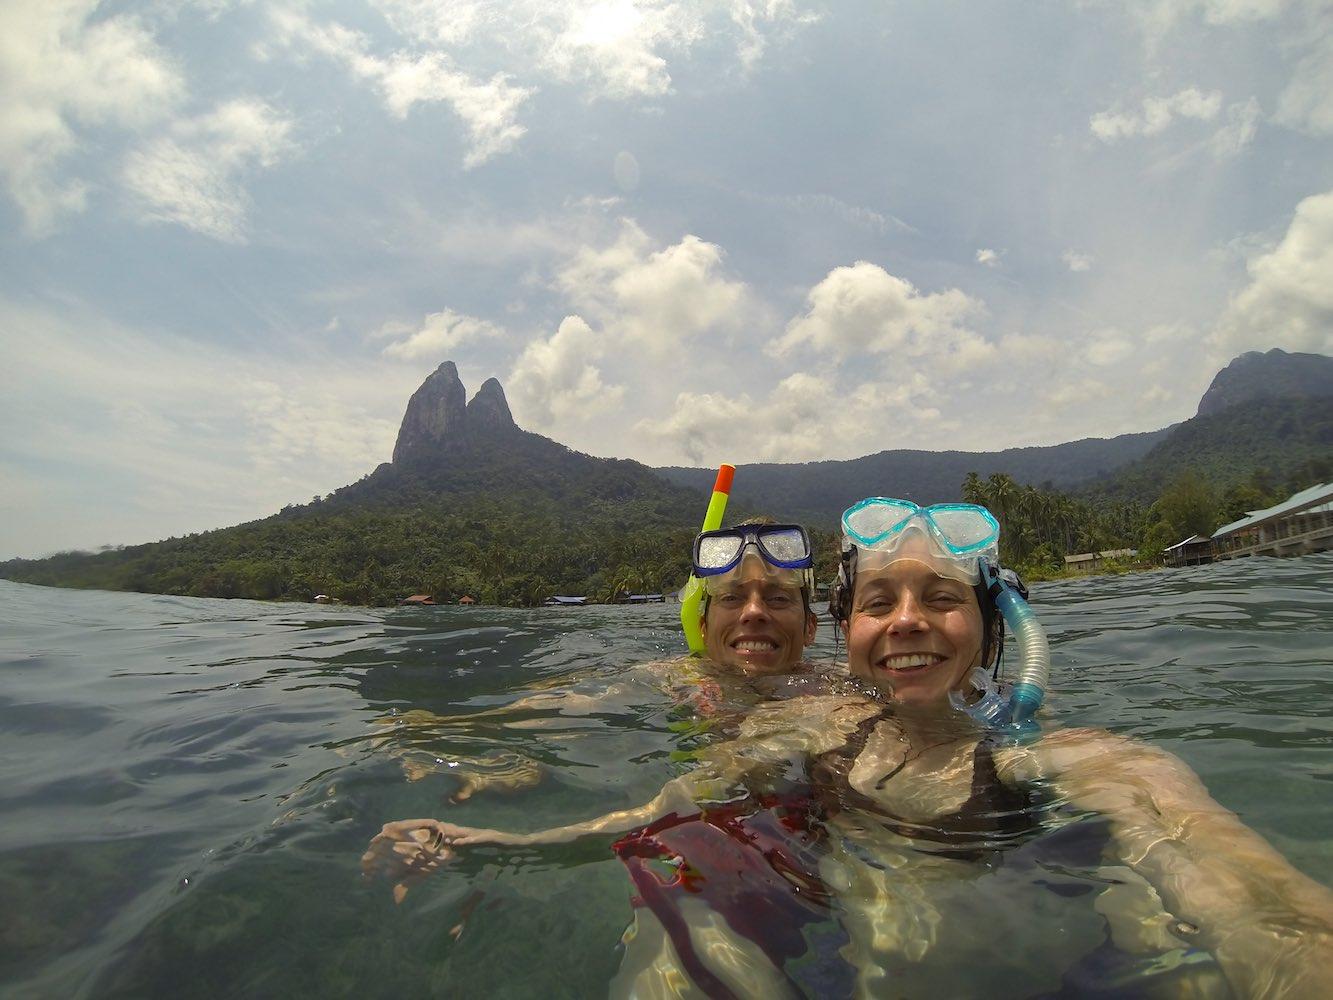 Snorkelling fun!